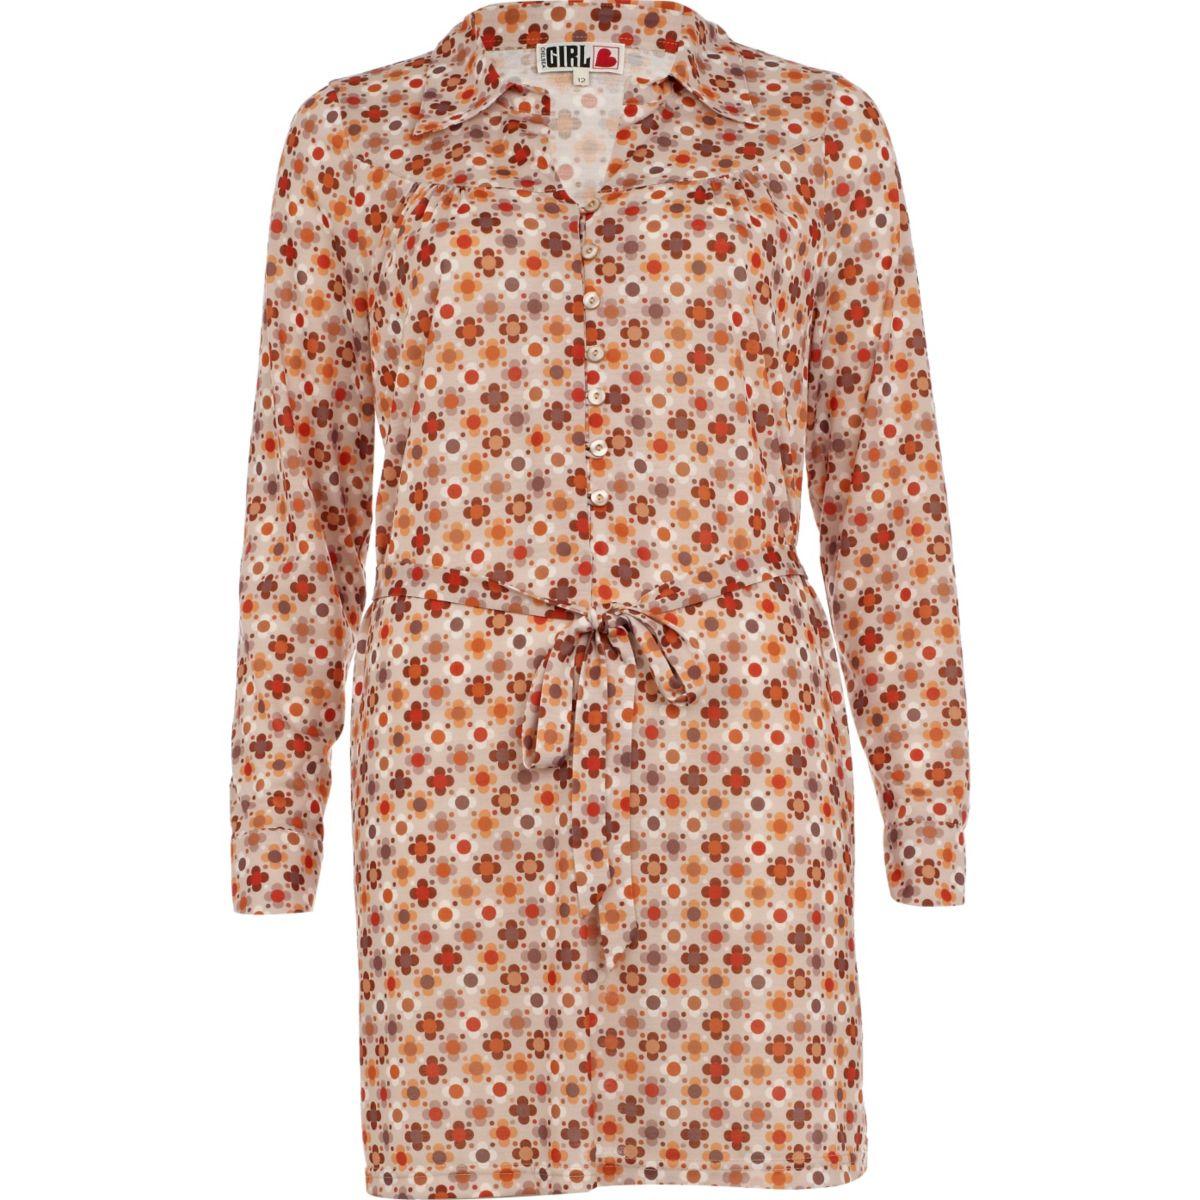 Chelsea Girl - Beiges Blusenkleid mit Print